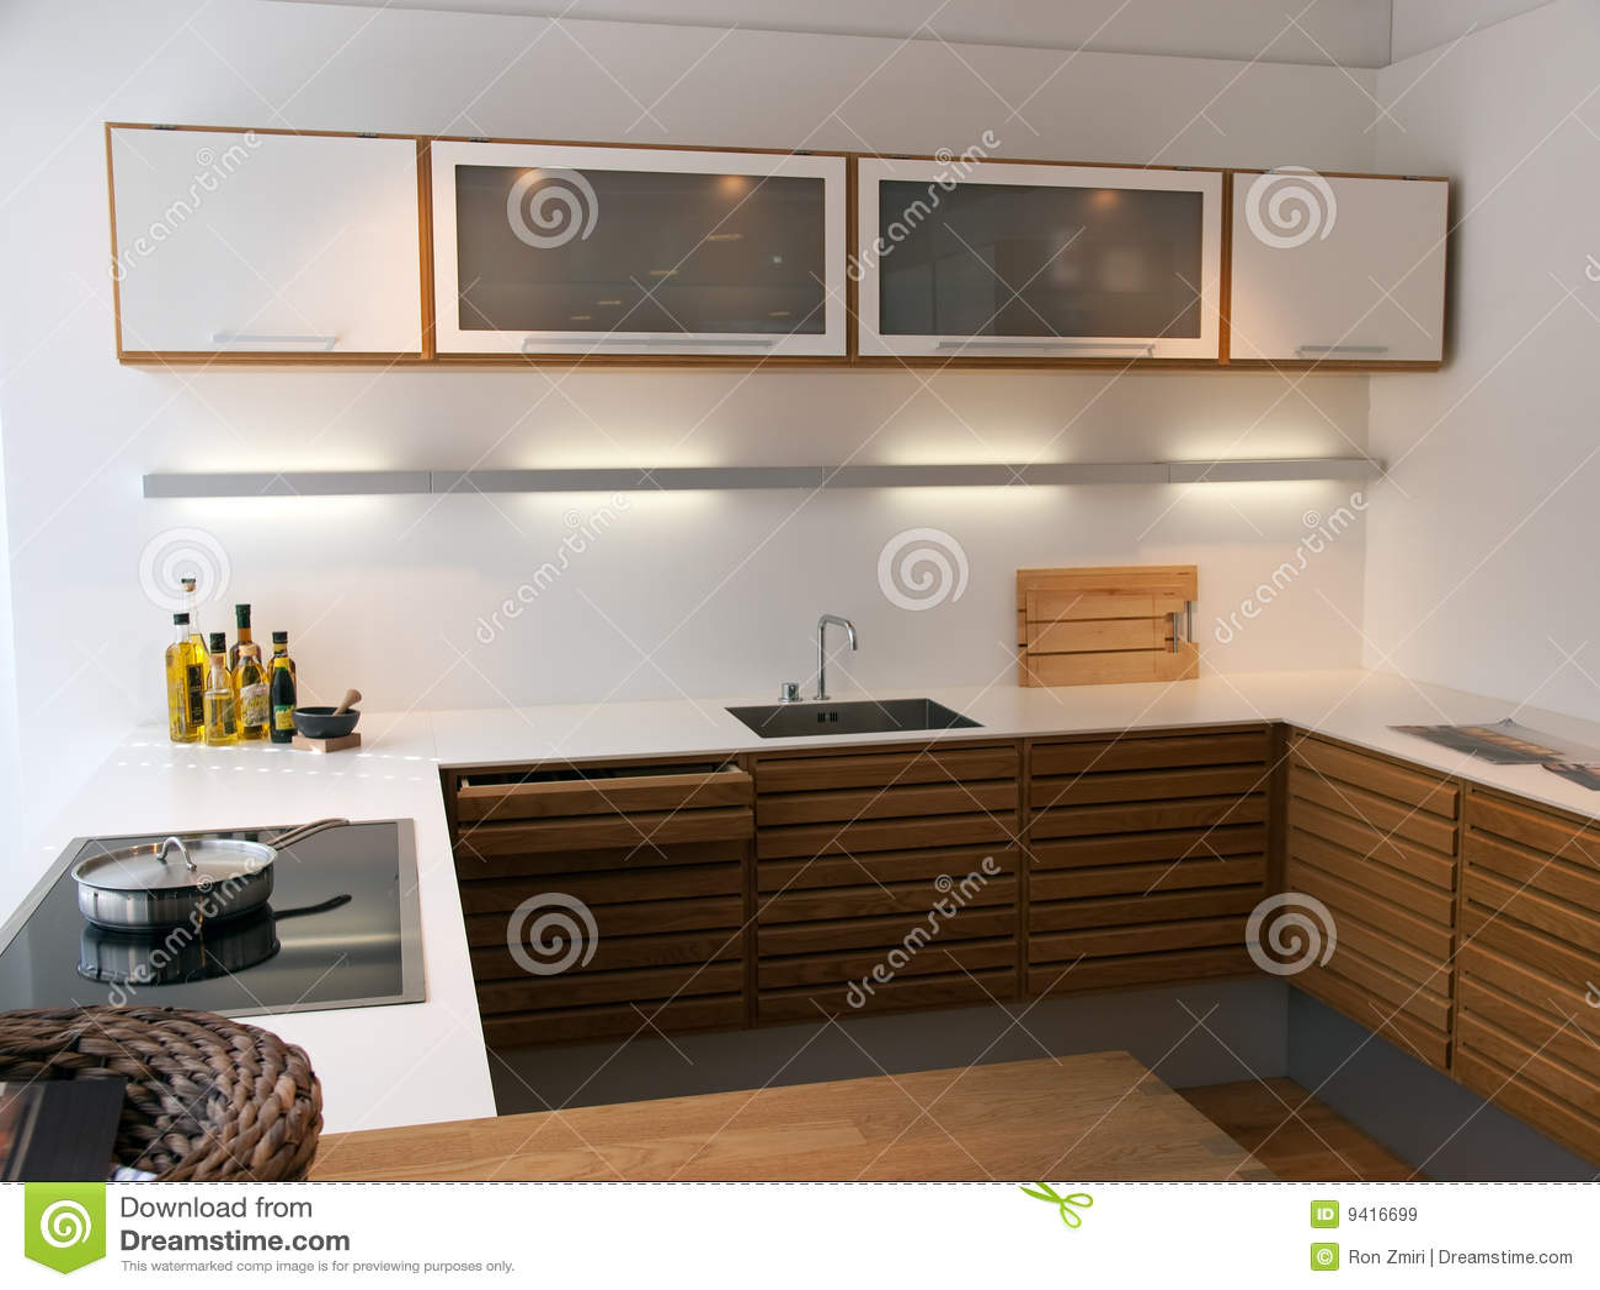 De moderne trendy schone lijnen ontwerpen houten keuken royalty vrije stock afbeeldingen - Meubilair outdoor houten keuken ...